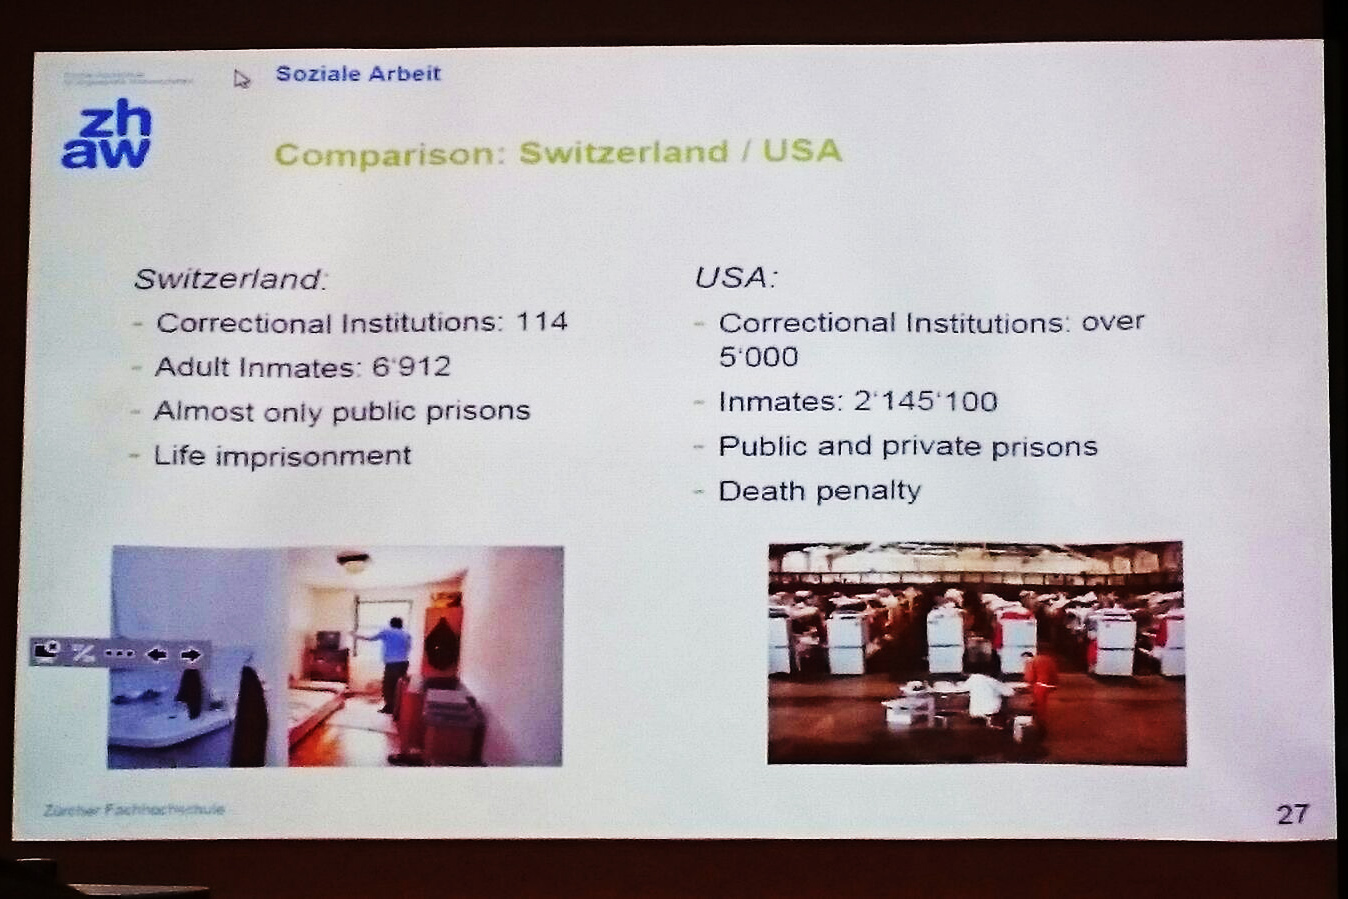 Folie einer Präsentation mit einem Vergleich der Schweiz und der USA im Bezug auf Gefängnisse und ihre Insassen.